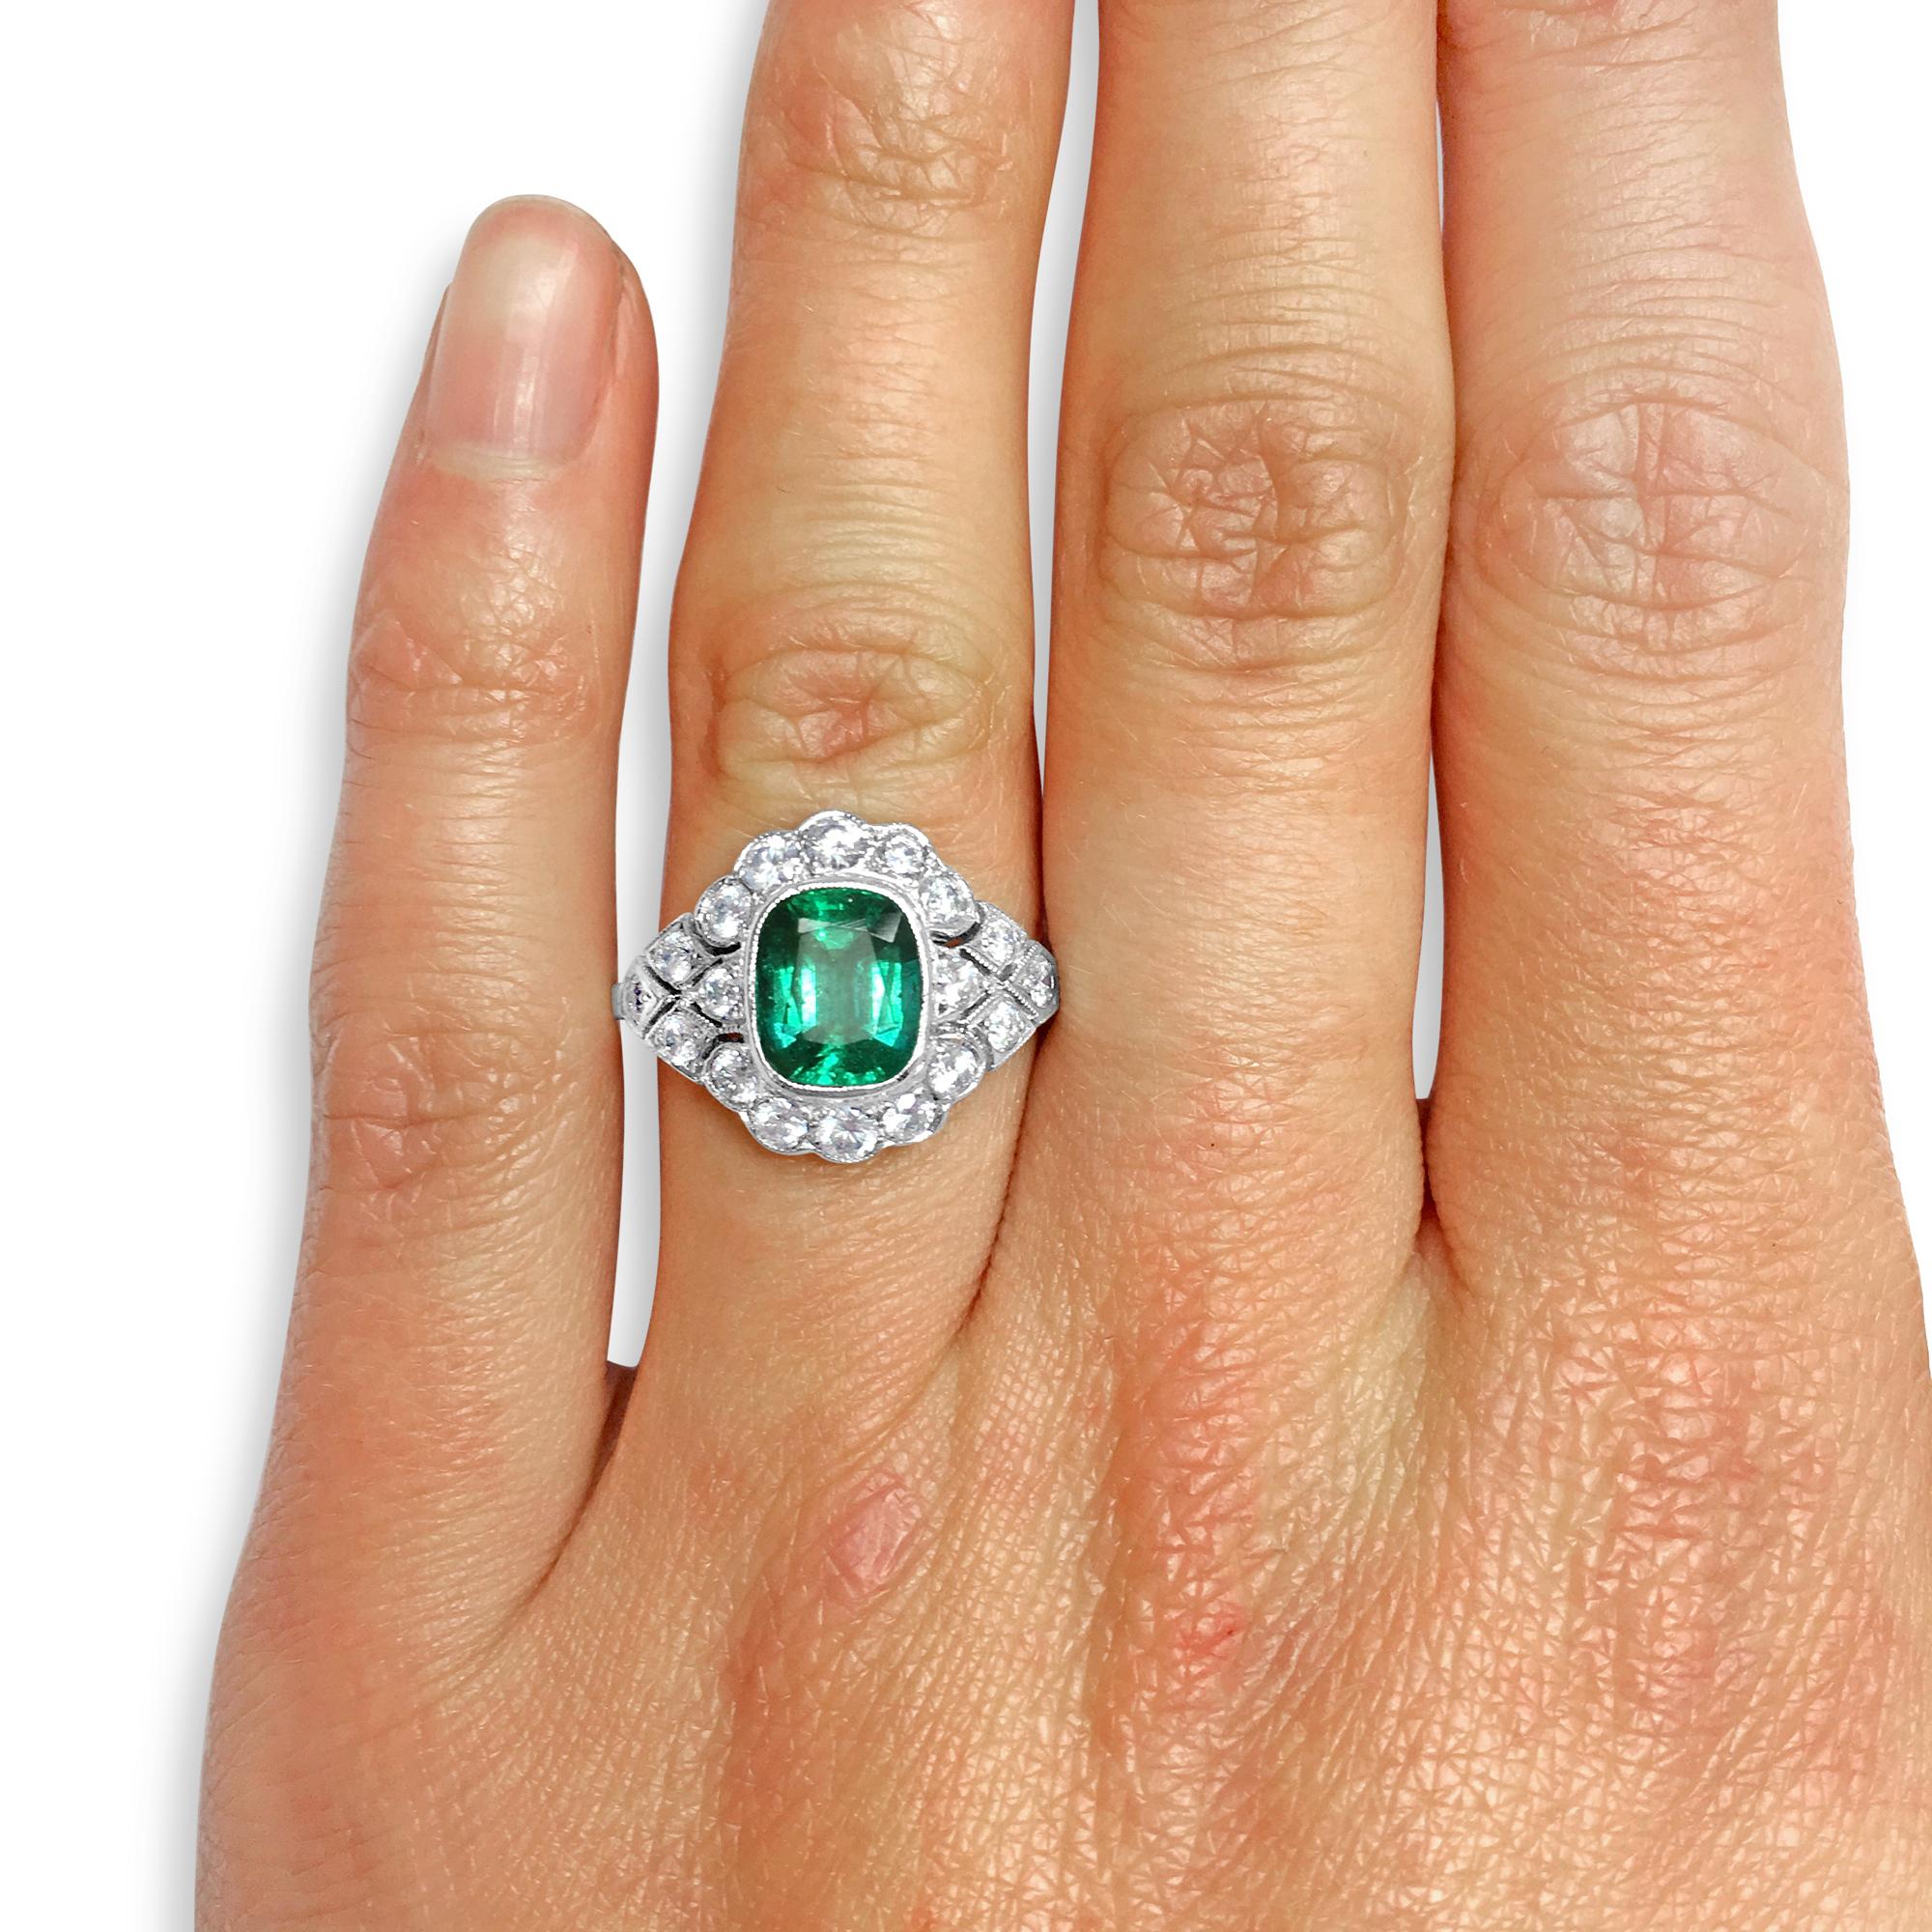 Cushion-cut Emerald ring hand shot